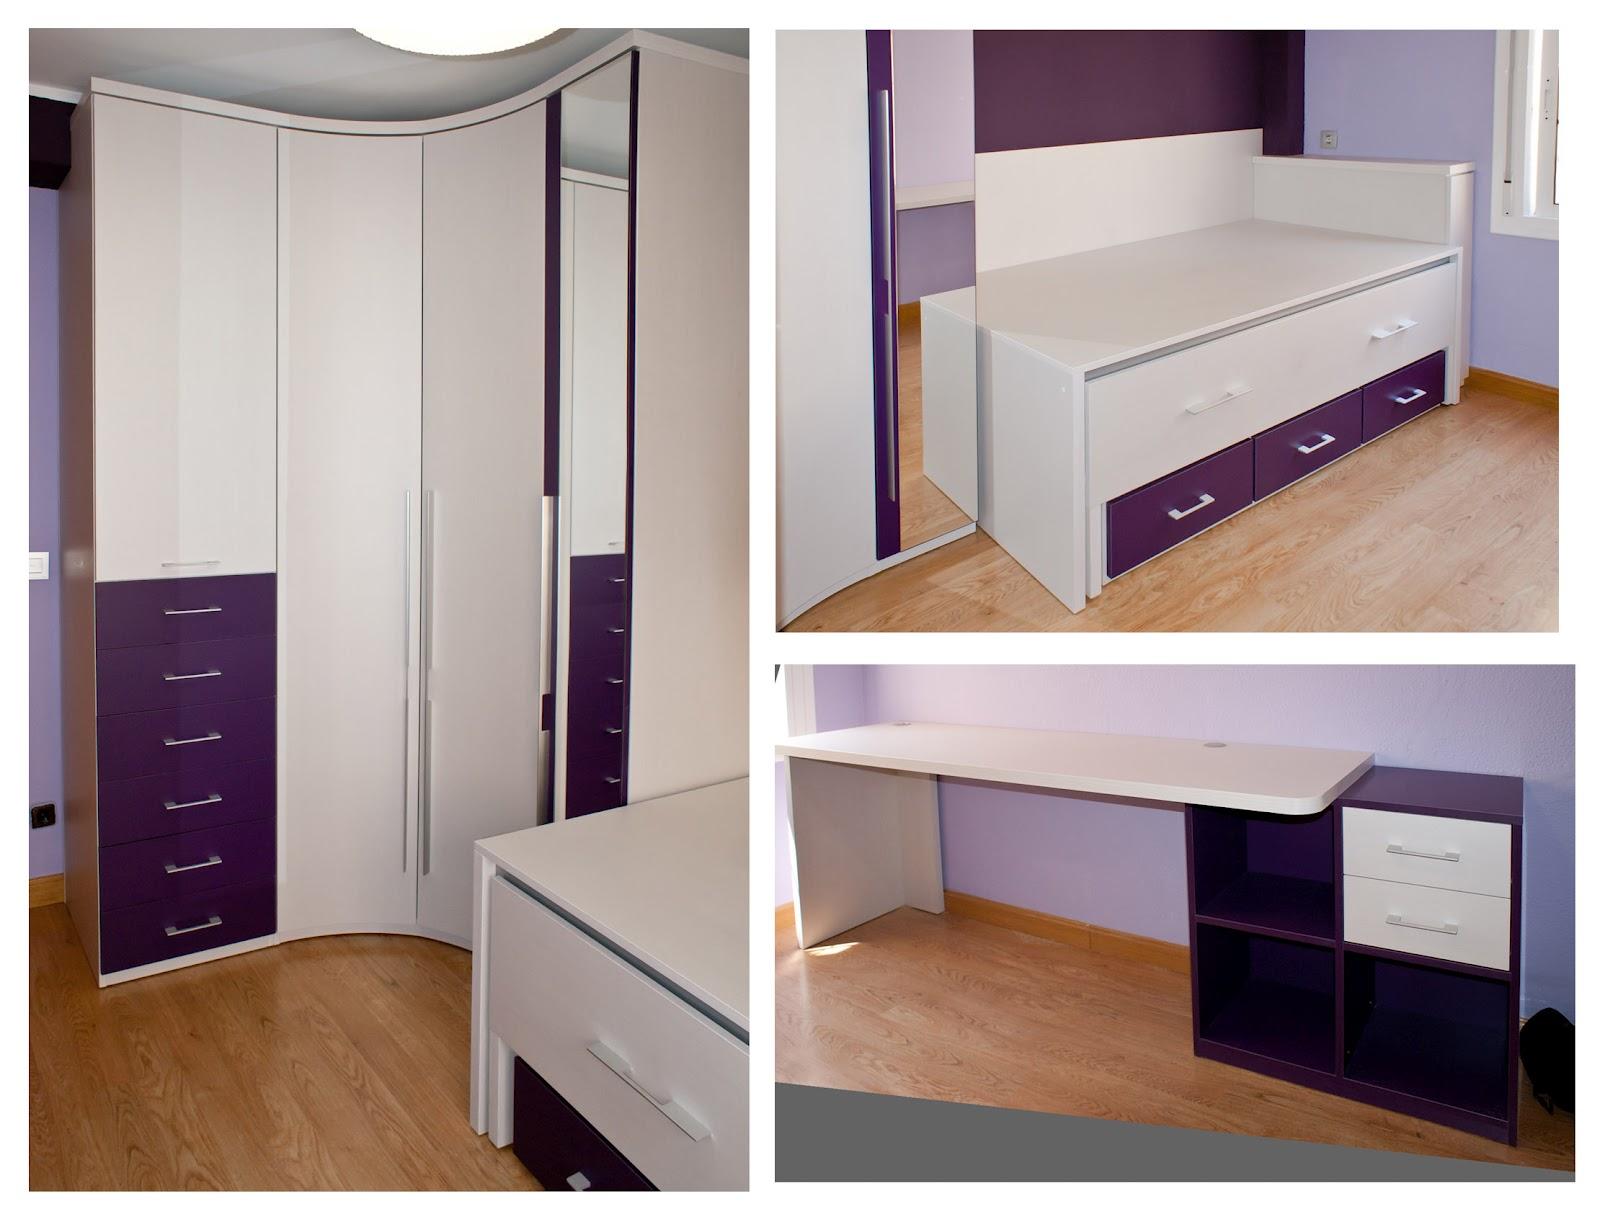 Blog de muebles soluciones zaragoza - Cama sobre armario ...